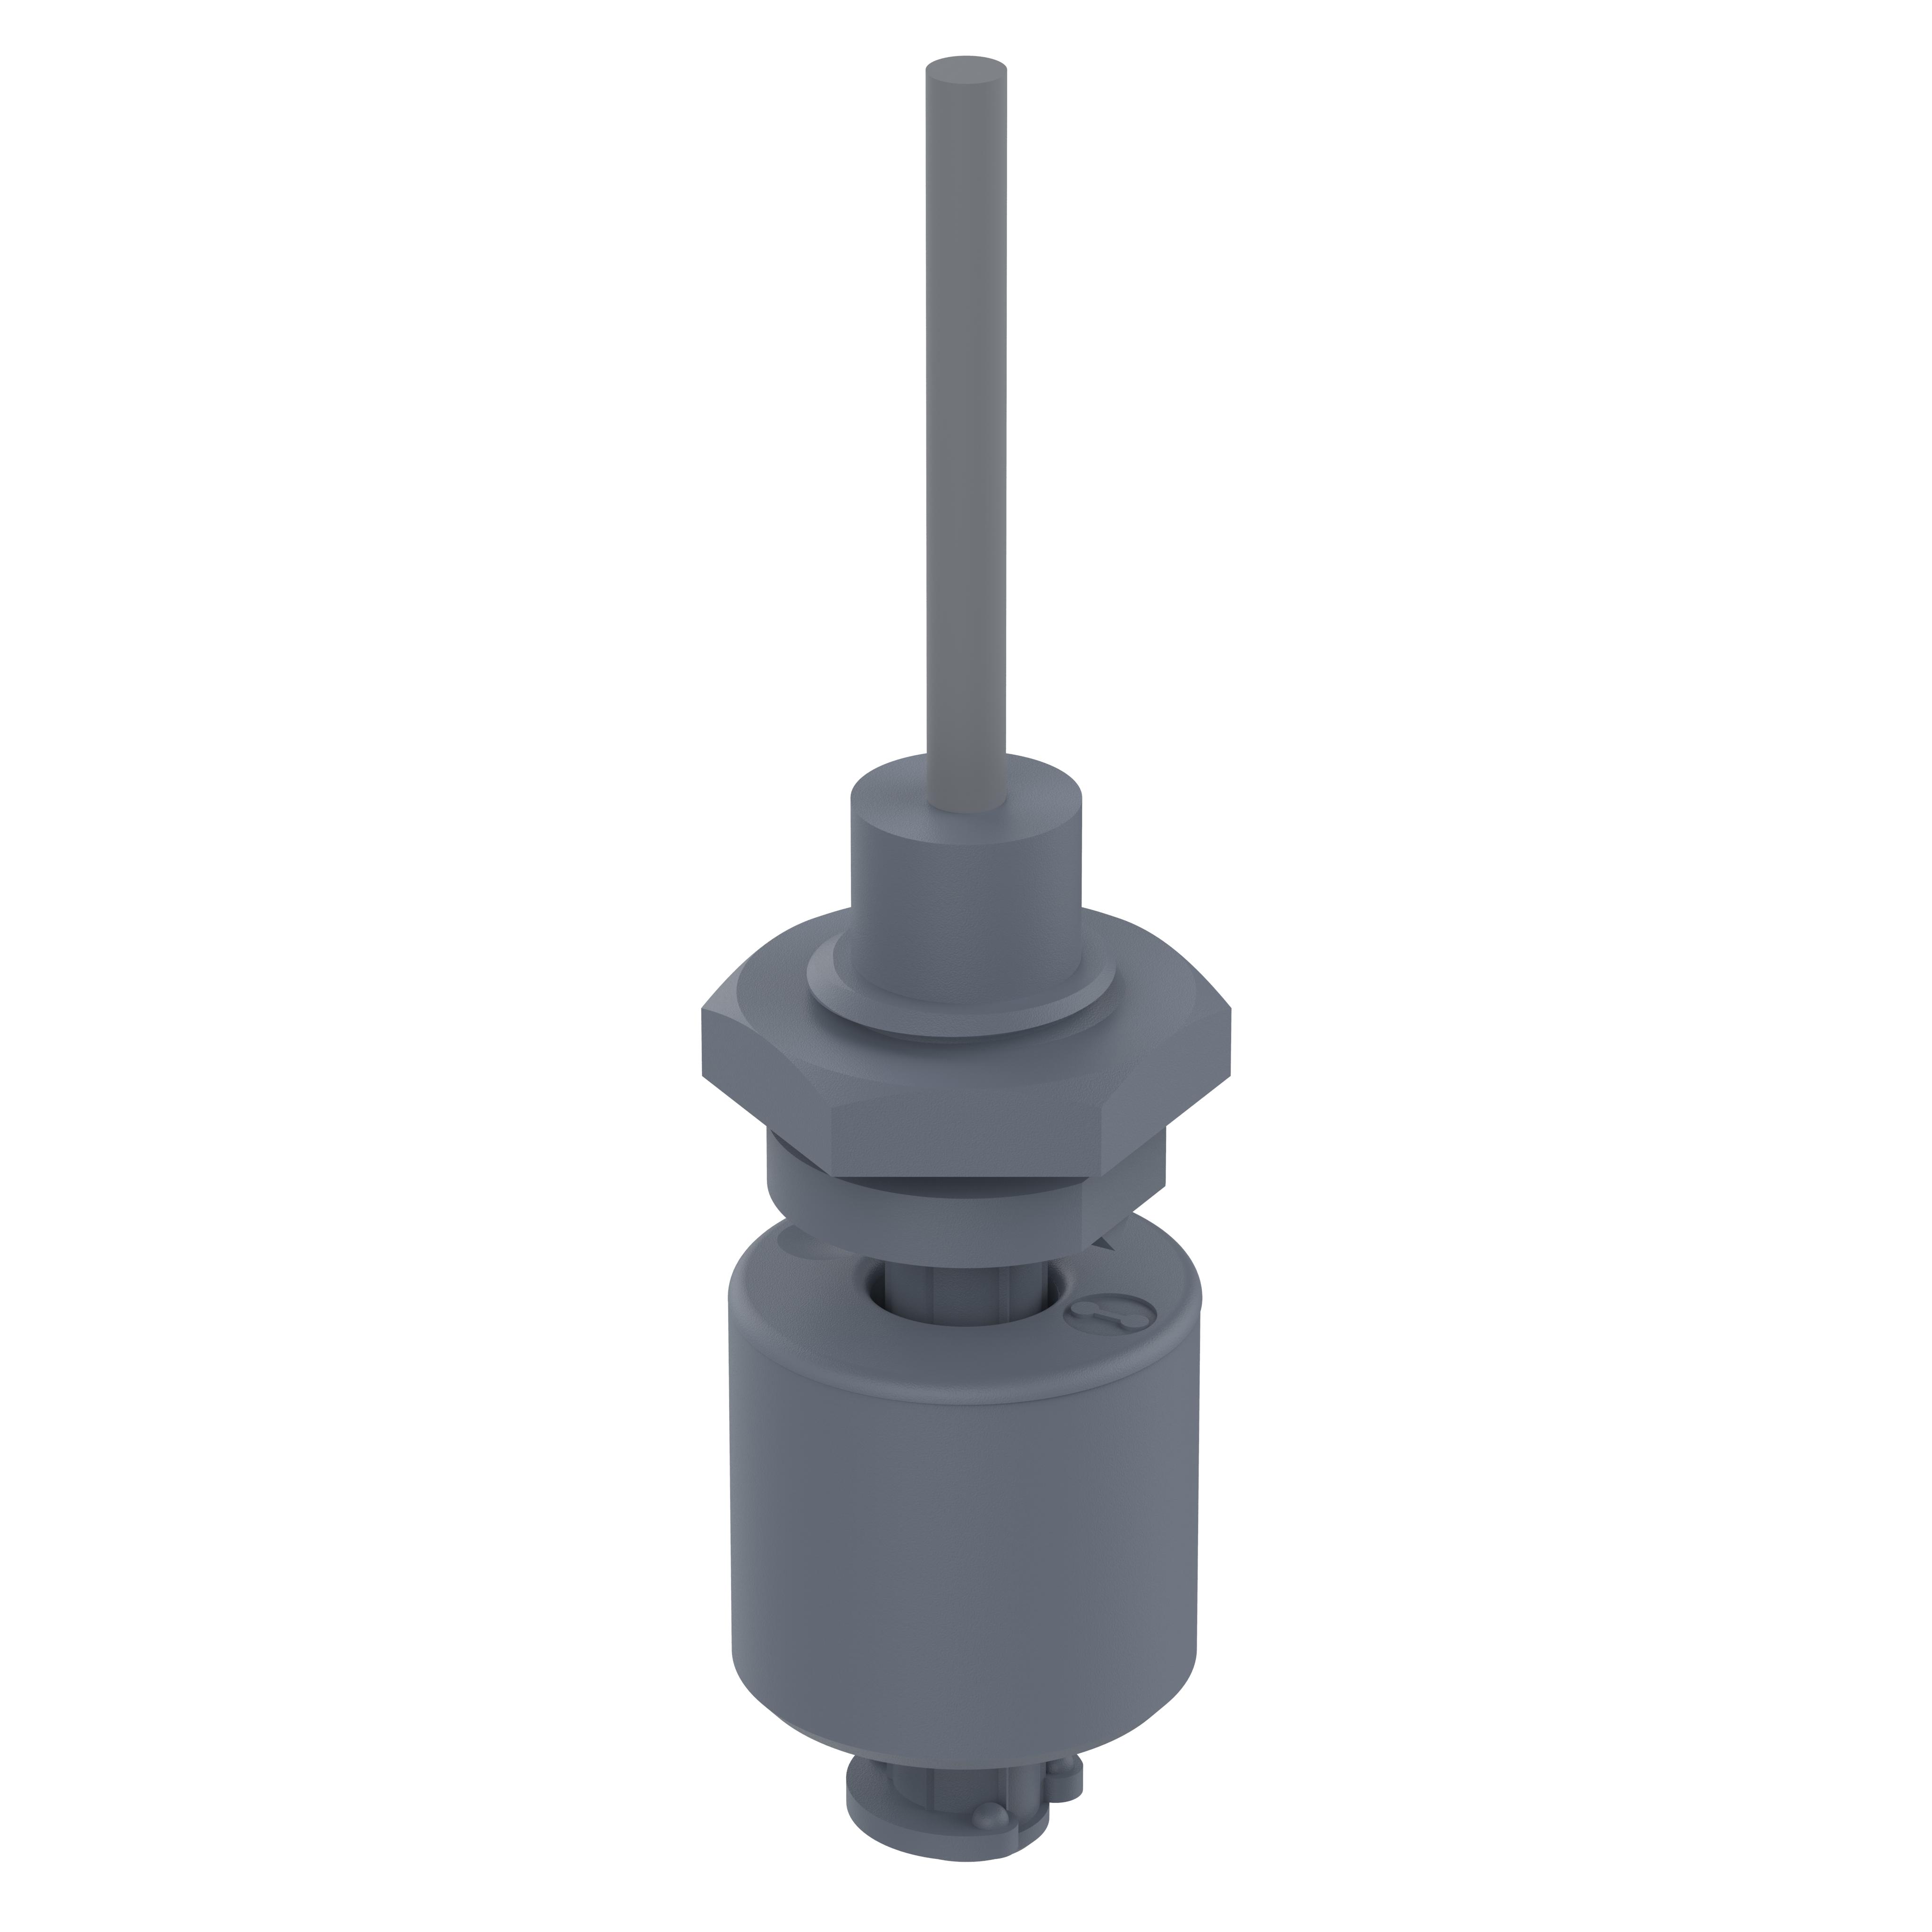 Miniatur Schwimmerschalter - 201021-5 - Öffner, 48V, PVDF, Gewinde PG3/8, 5m Kabel